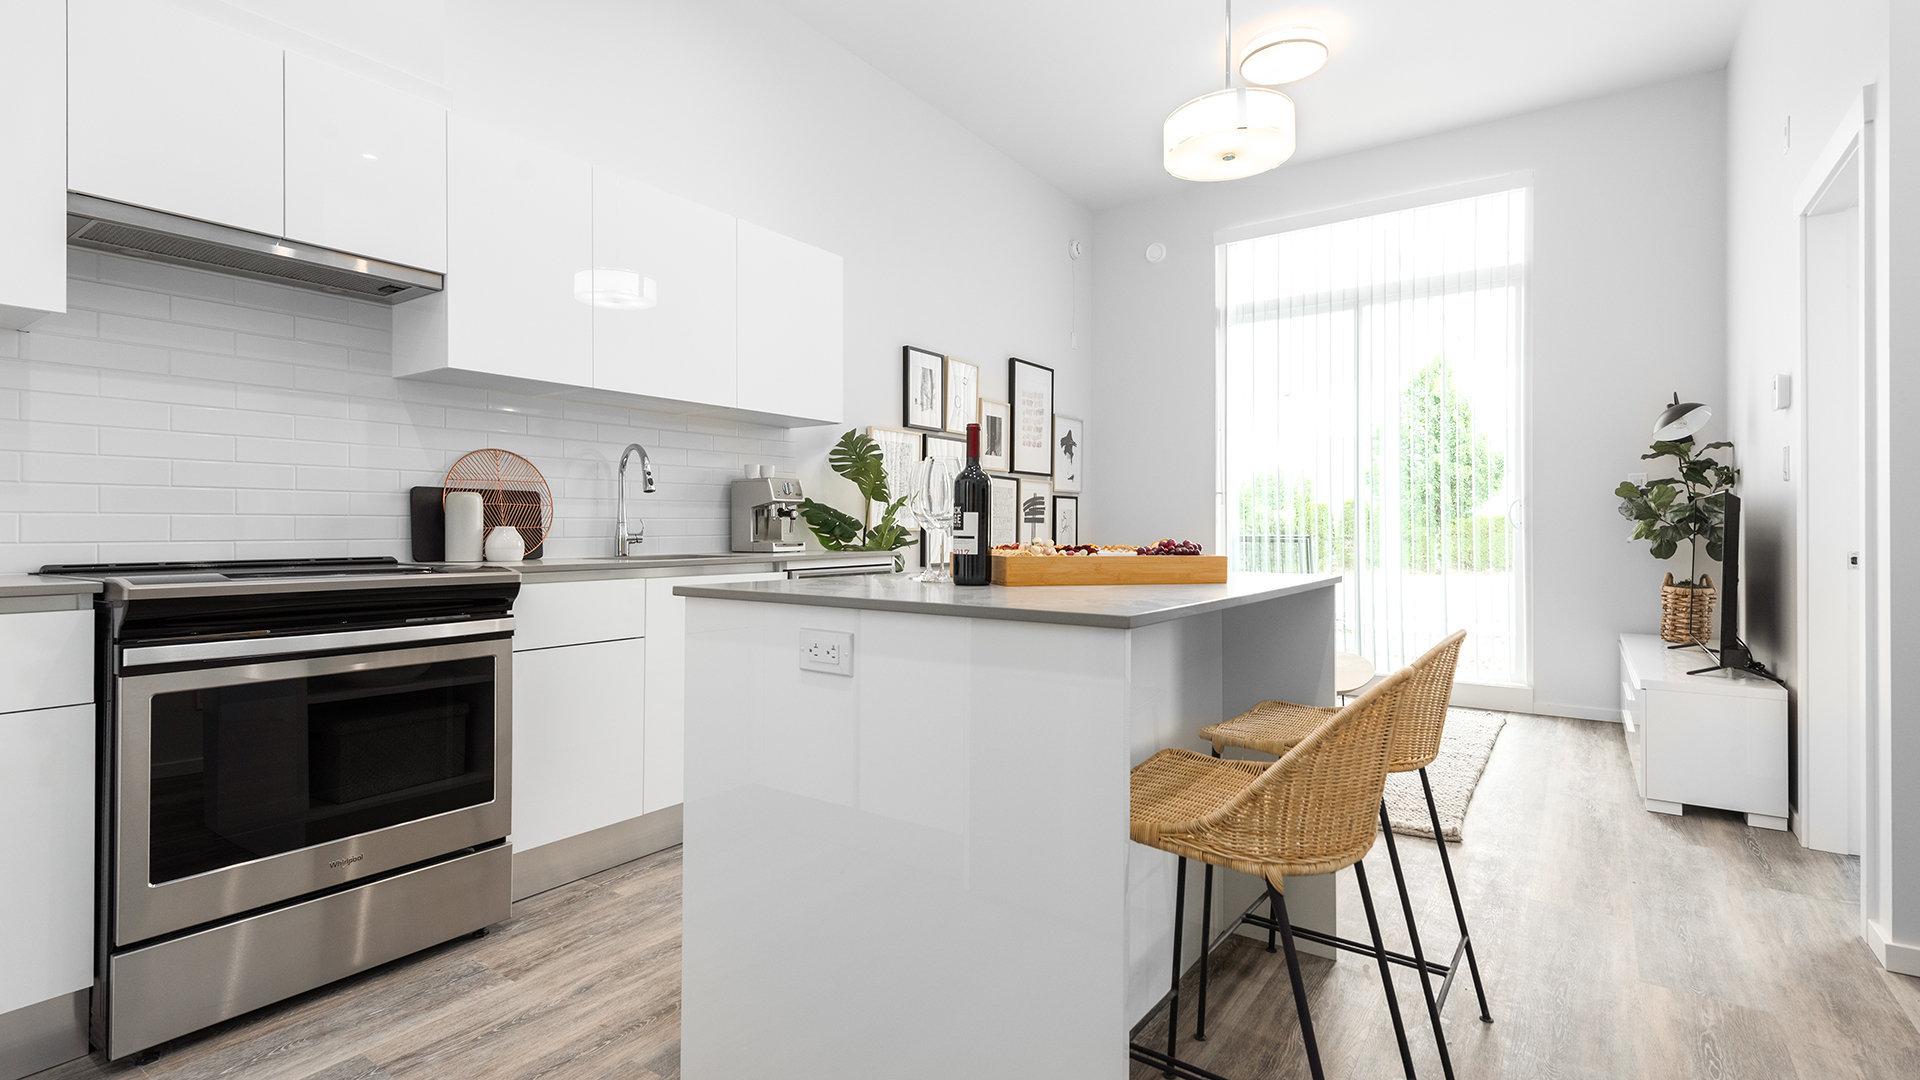 Kitchen - 33677 King Rd, Abbotsford, BC V2S 0L2, Canada!